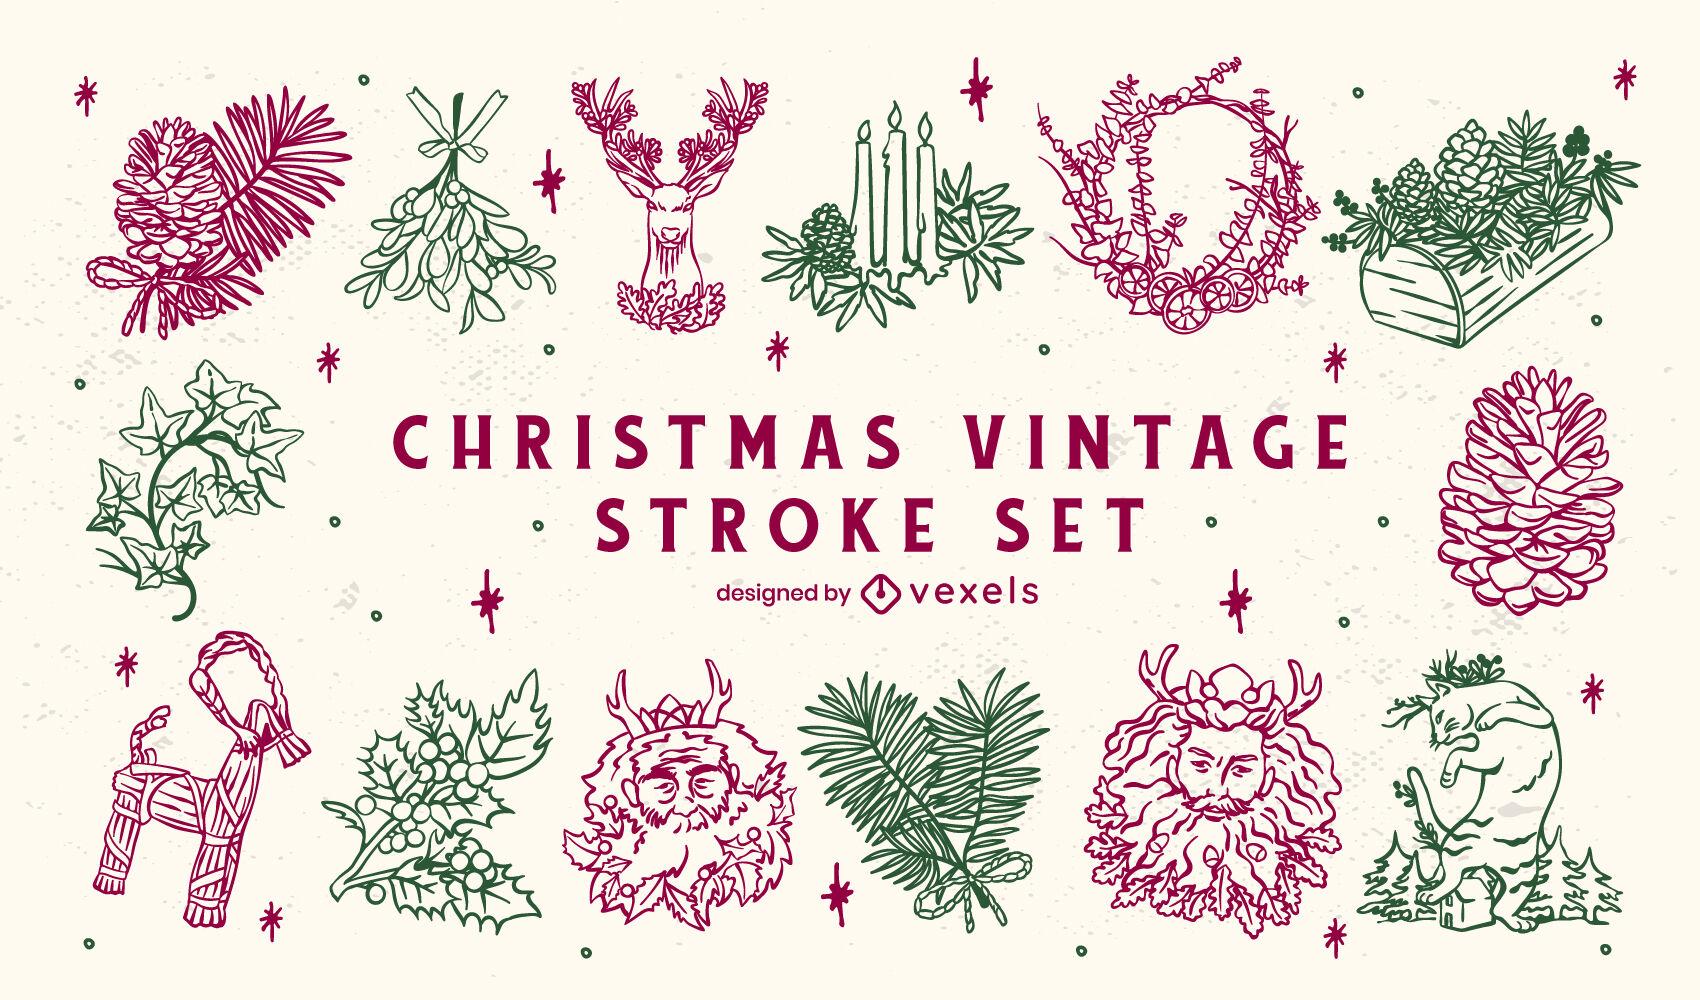 Vintage Christmas illustrations set